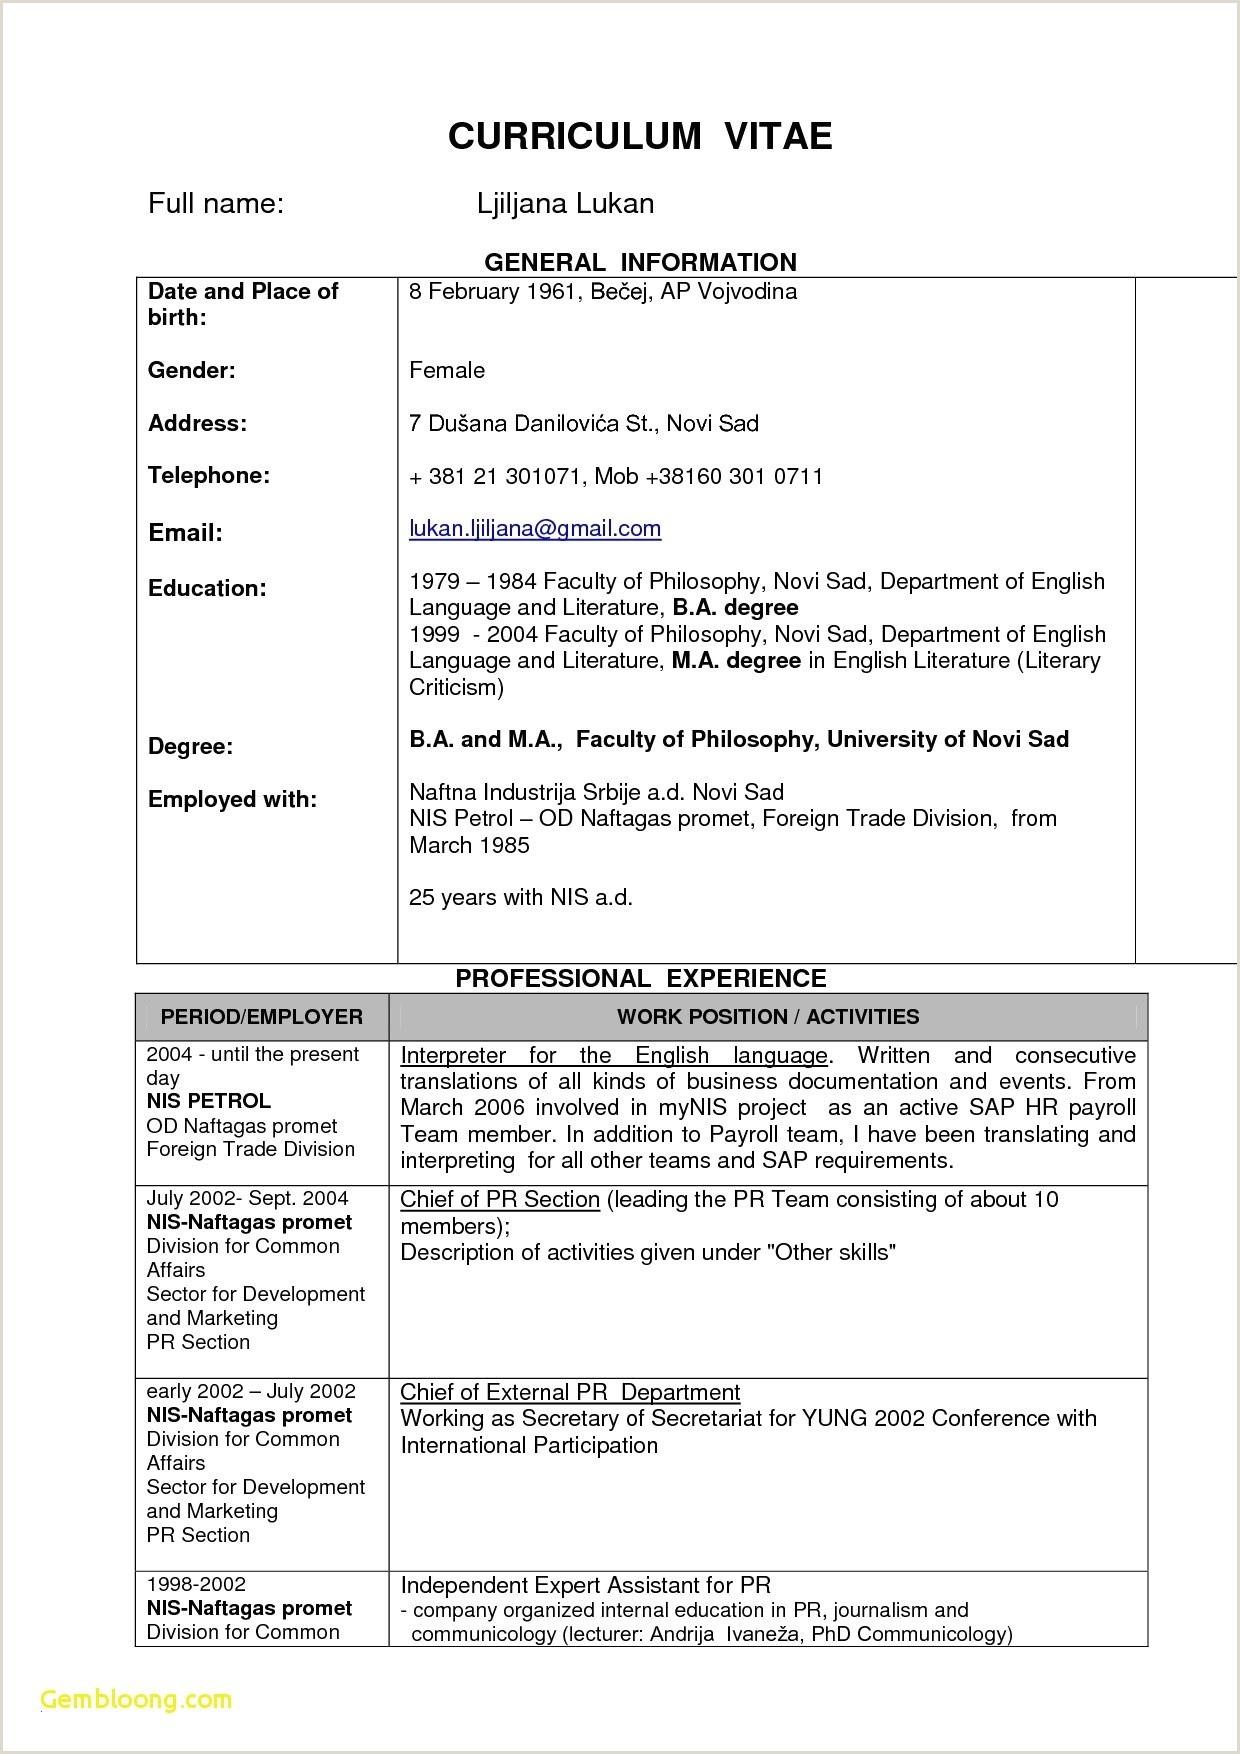 Cv Format For Job For Freshers Sample Resume For Legal Jobs In India New Sample Resume For